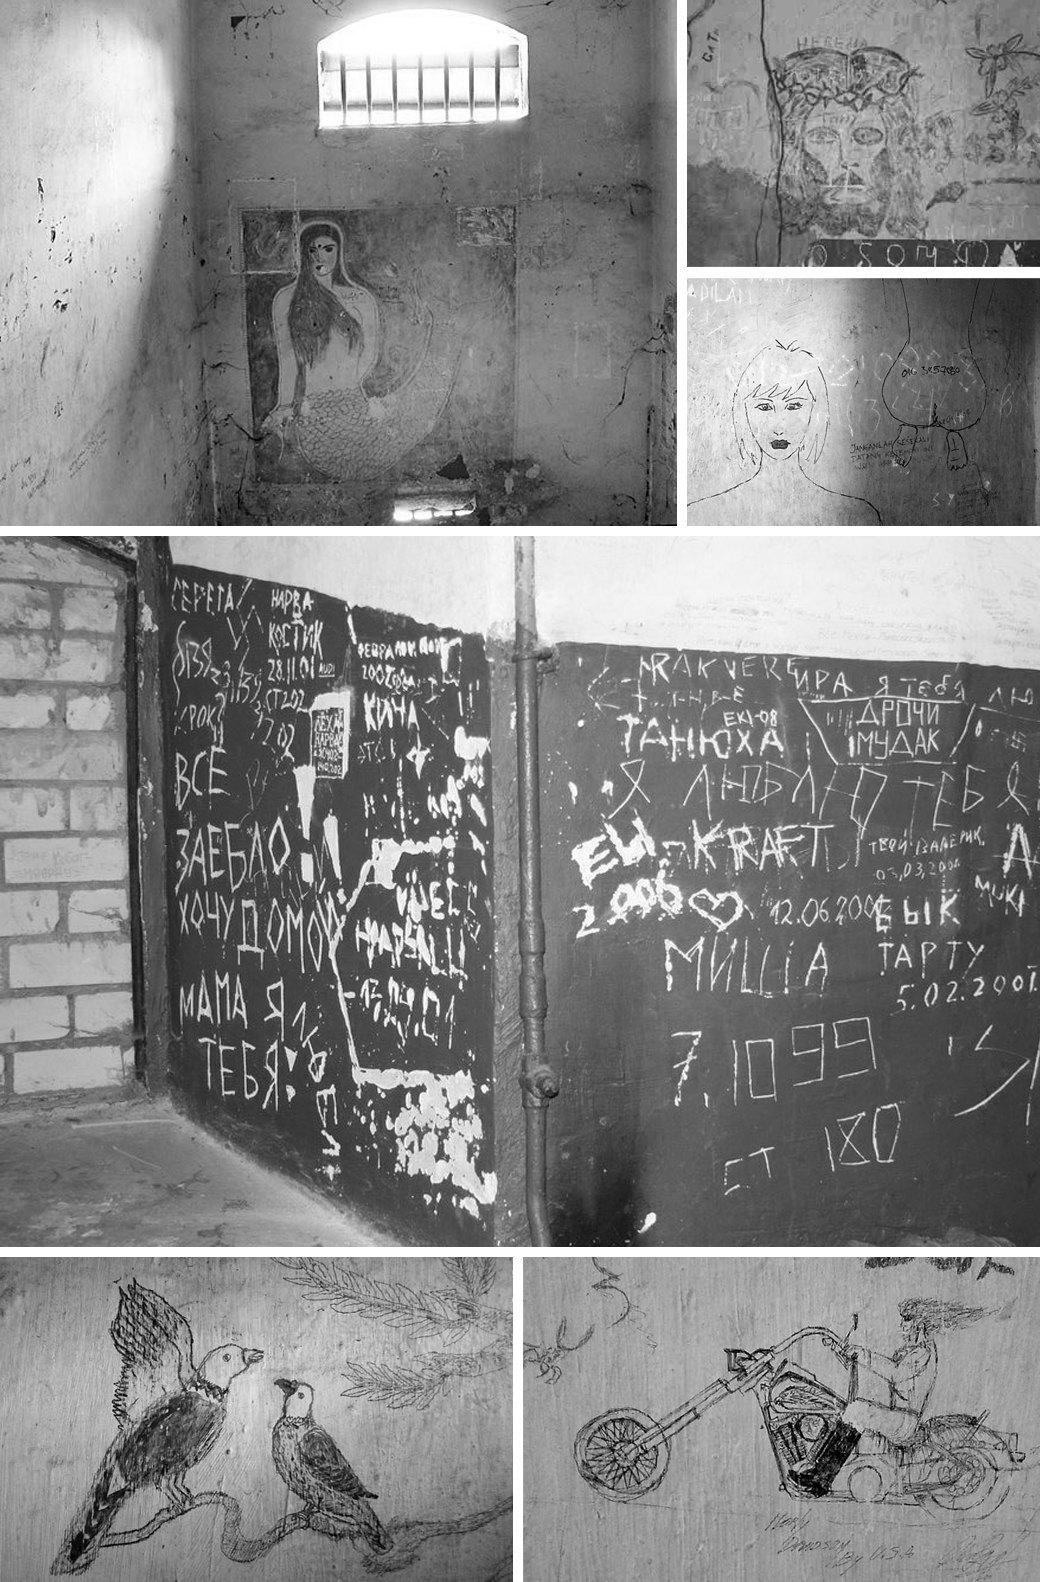 Граффити за решёткой: Что рисуют на стенах тюремных камер по всему миру. Изображение № 1.